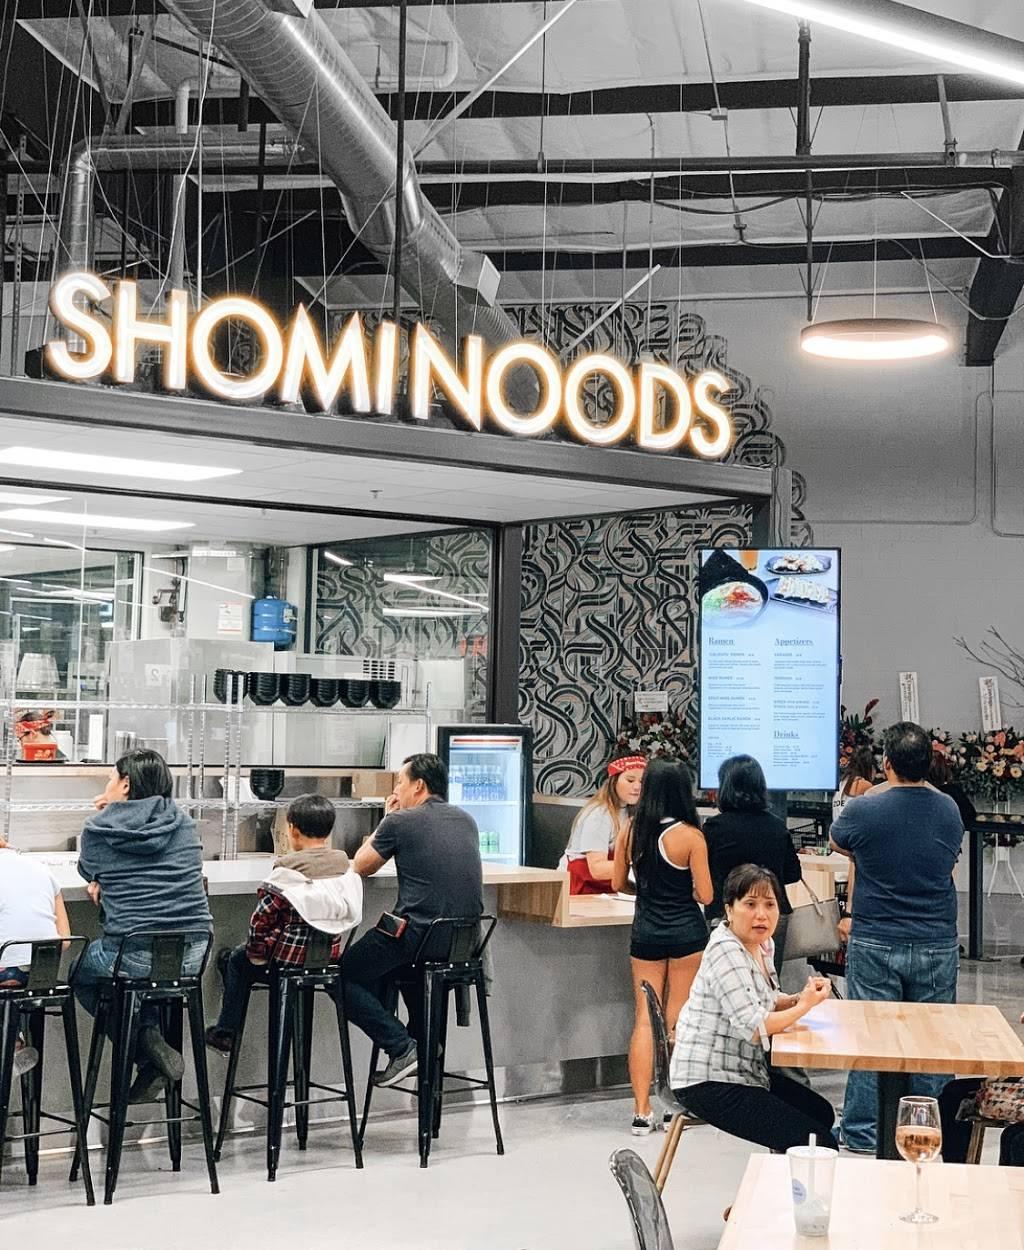 SHOMI NOODS: Ramen Bar | restaurant | 4024 Grand Ave Unit 104, Chino, CA 91710, USA | 9094659870 OR +1 909-465-9870